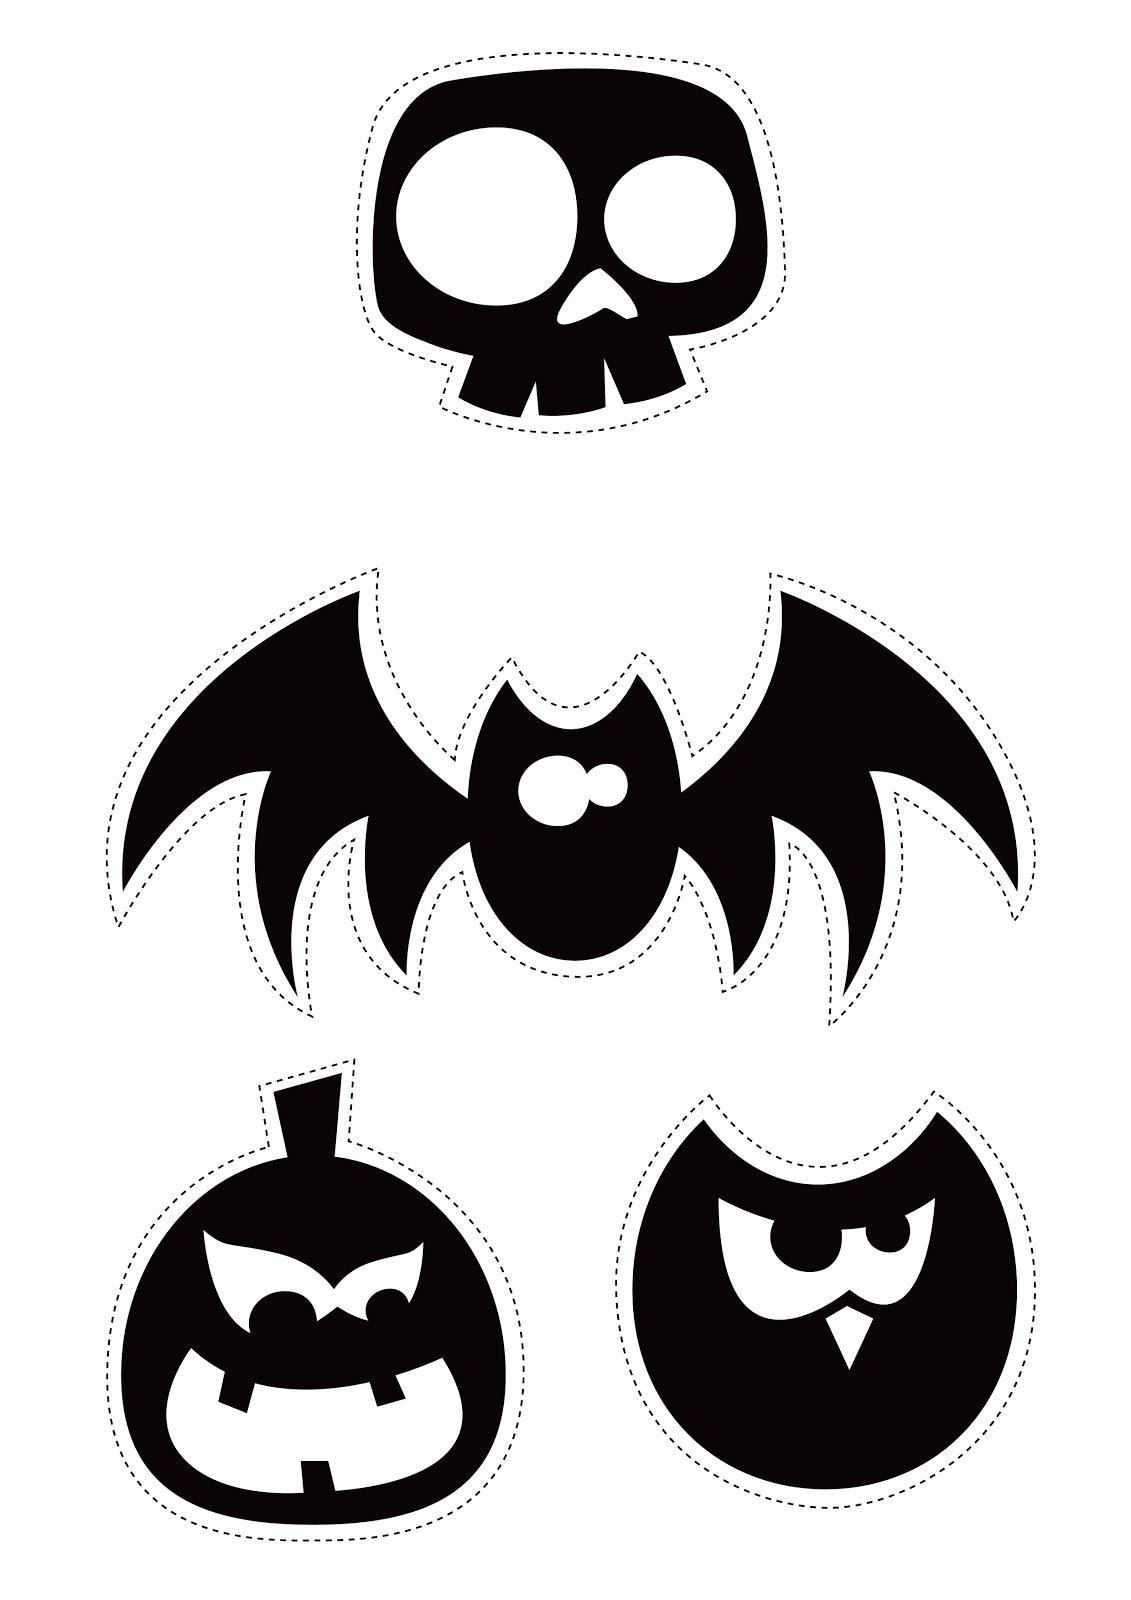 Plantillas De Murcielagos Para Halloween. Trendy With Plantillas De ...